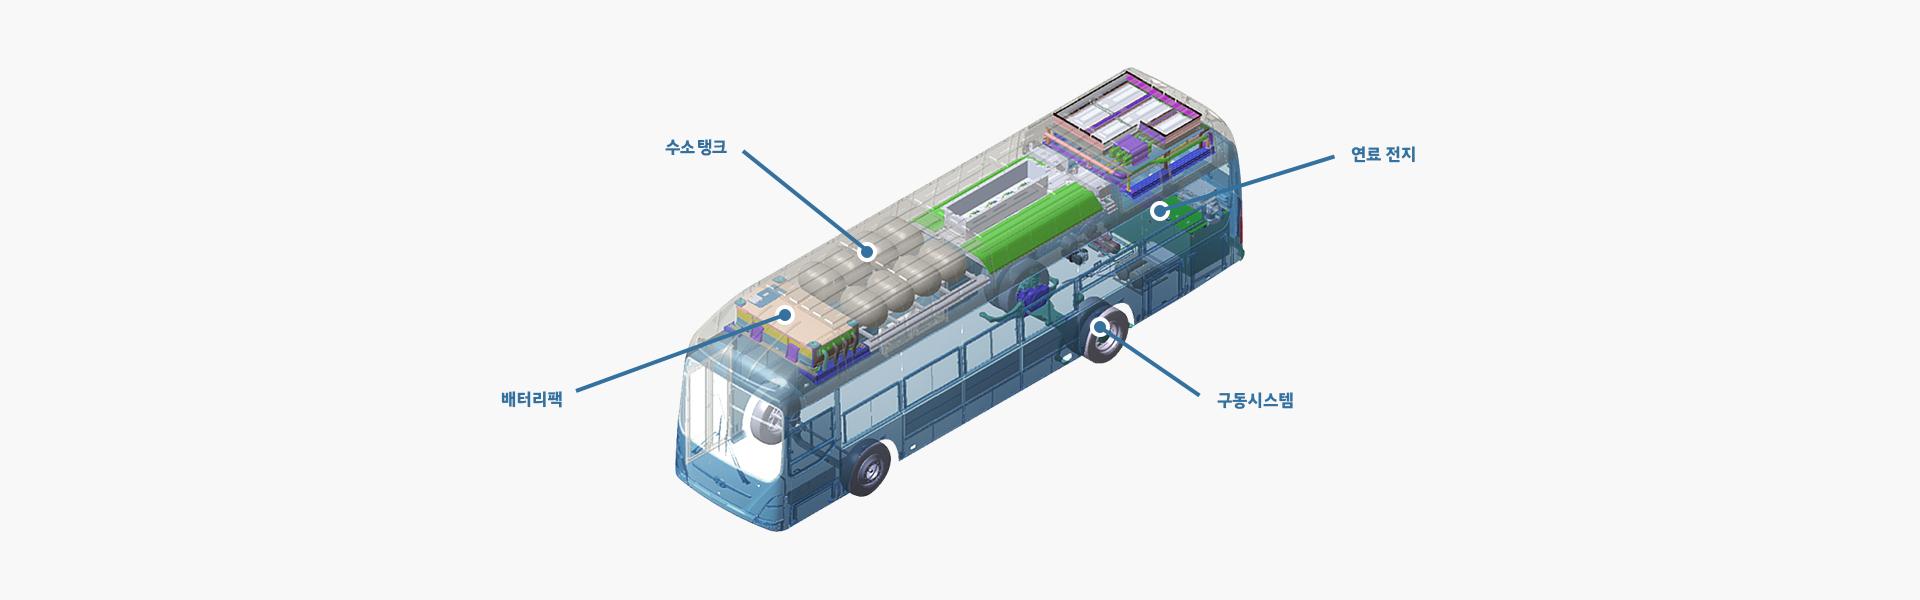 수소탱크, 배터리팩, 연료전지 구동시스템